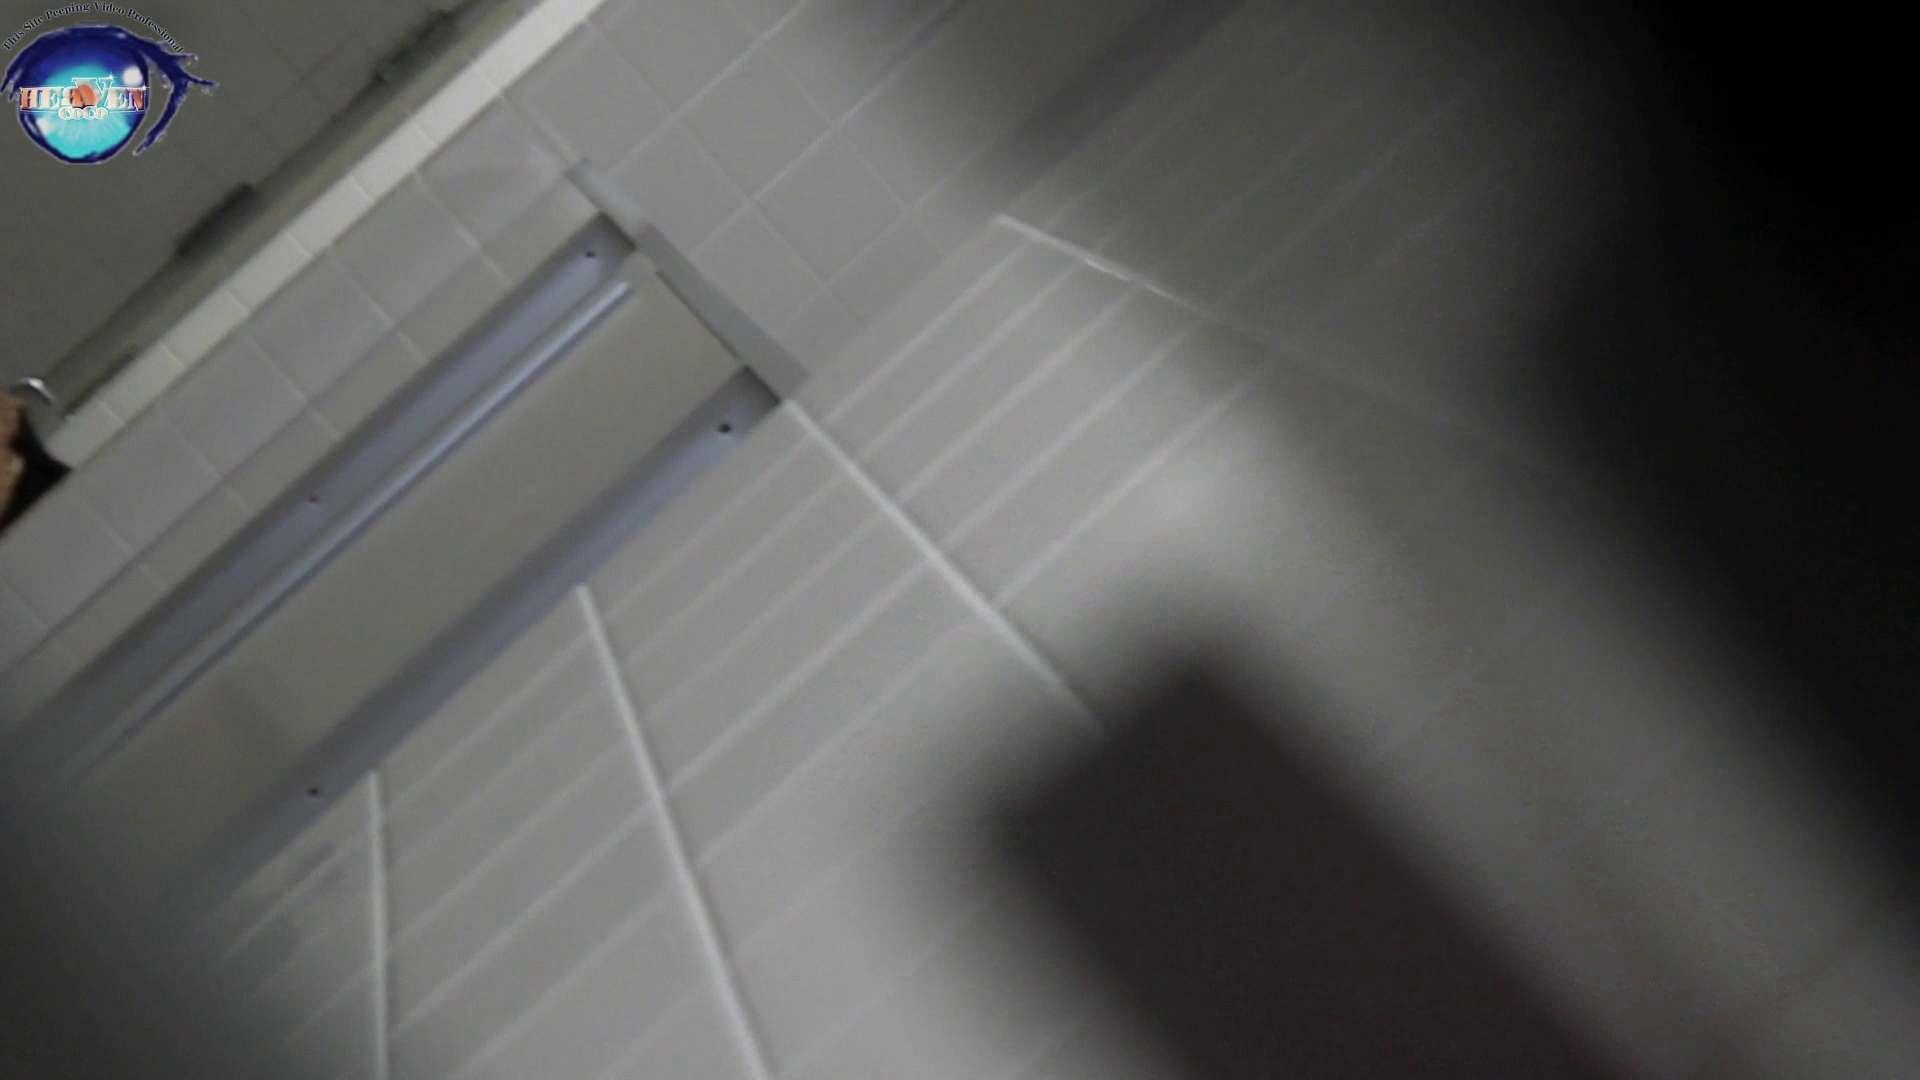 洗面所突入レポート!!お銀 vol.68 無謀に通路に飛び出て一番明るいフロント撮り実現 前編 洗面所編  86PIX 70